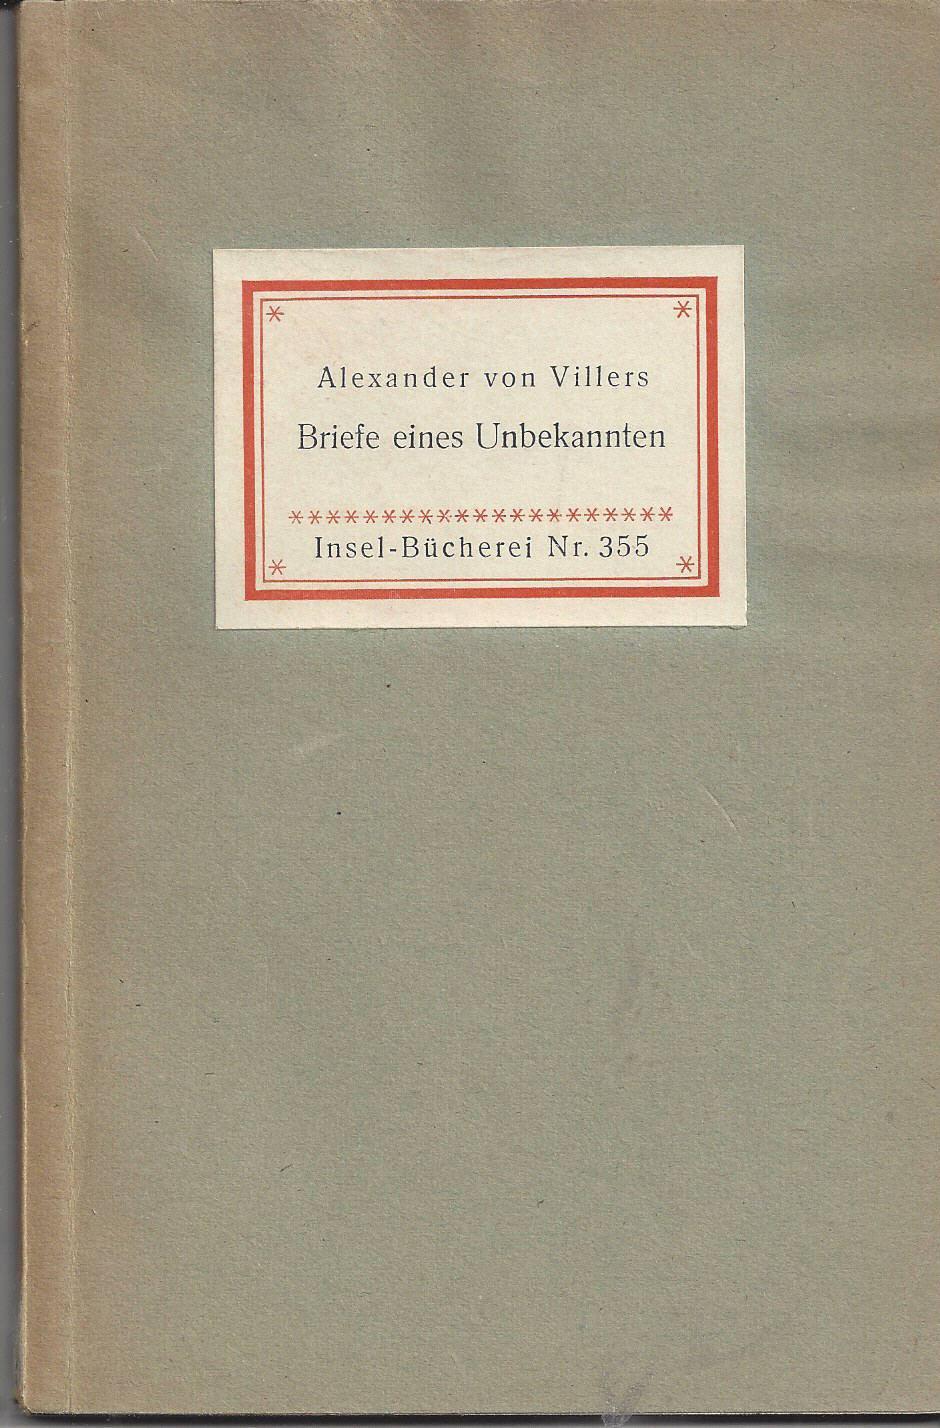 Briefe eines Unbekannten. Eine Auswahl aus den: Villers, Alexander von: